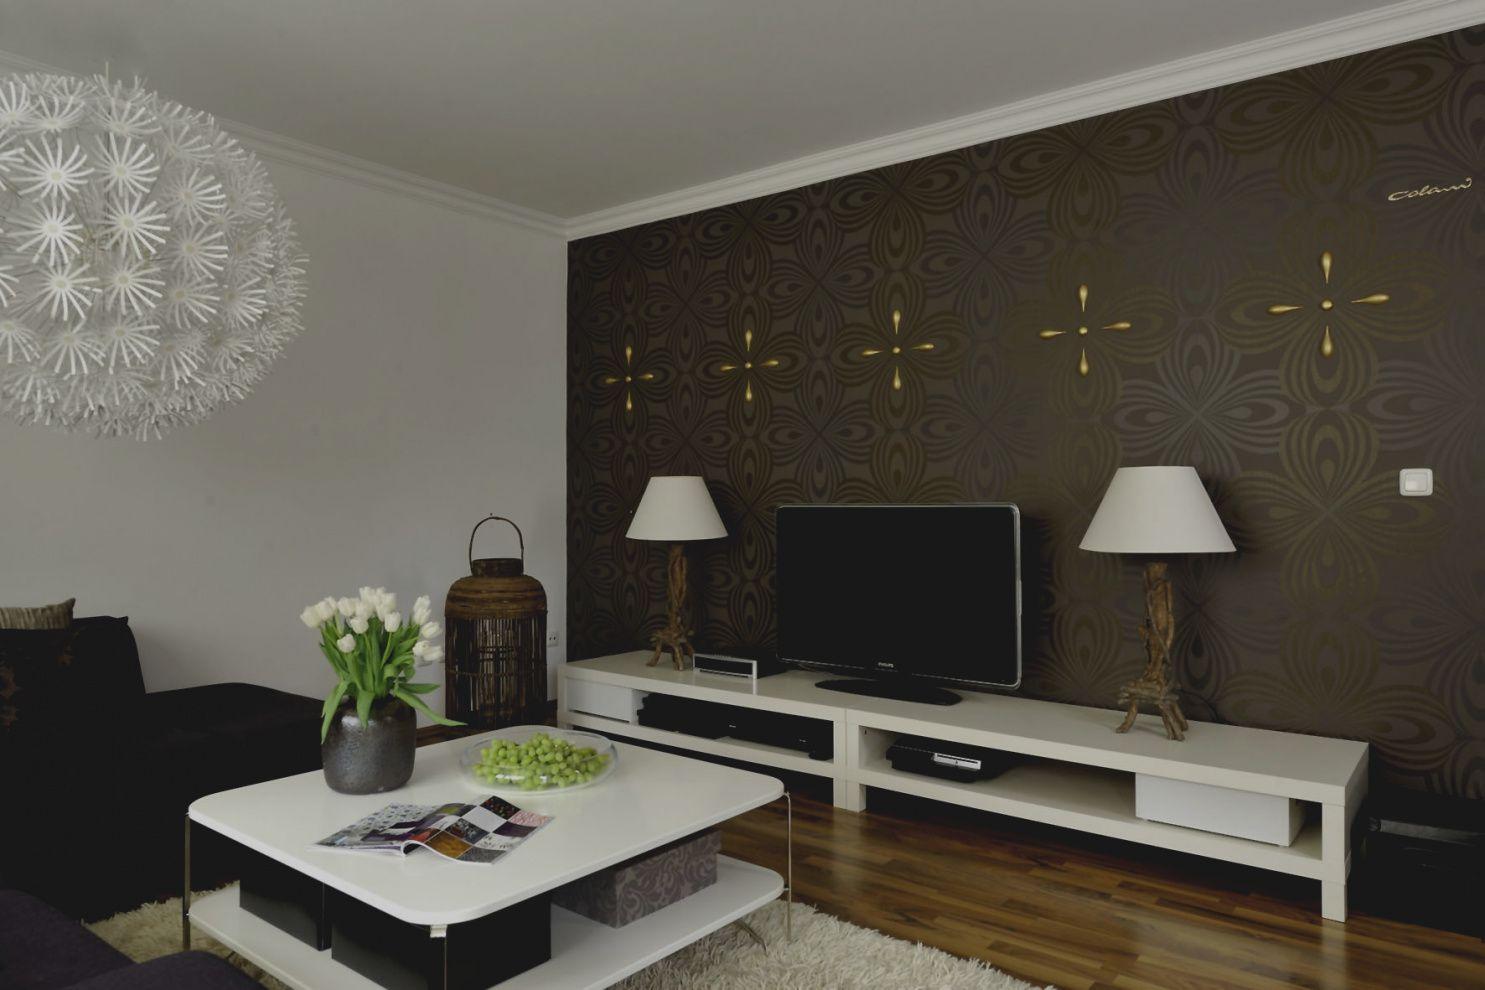 moderne tapeten für das wohnzimmer | MINIMALISTISCHES HAUS DESIGN ...